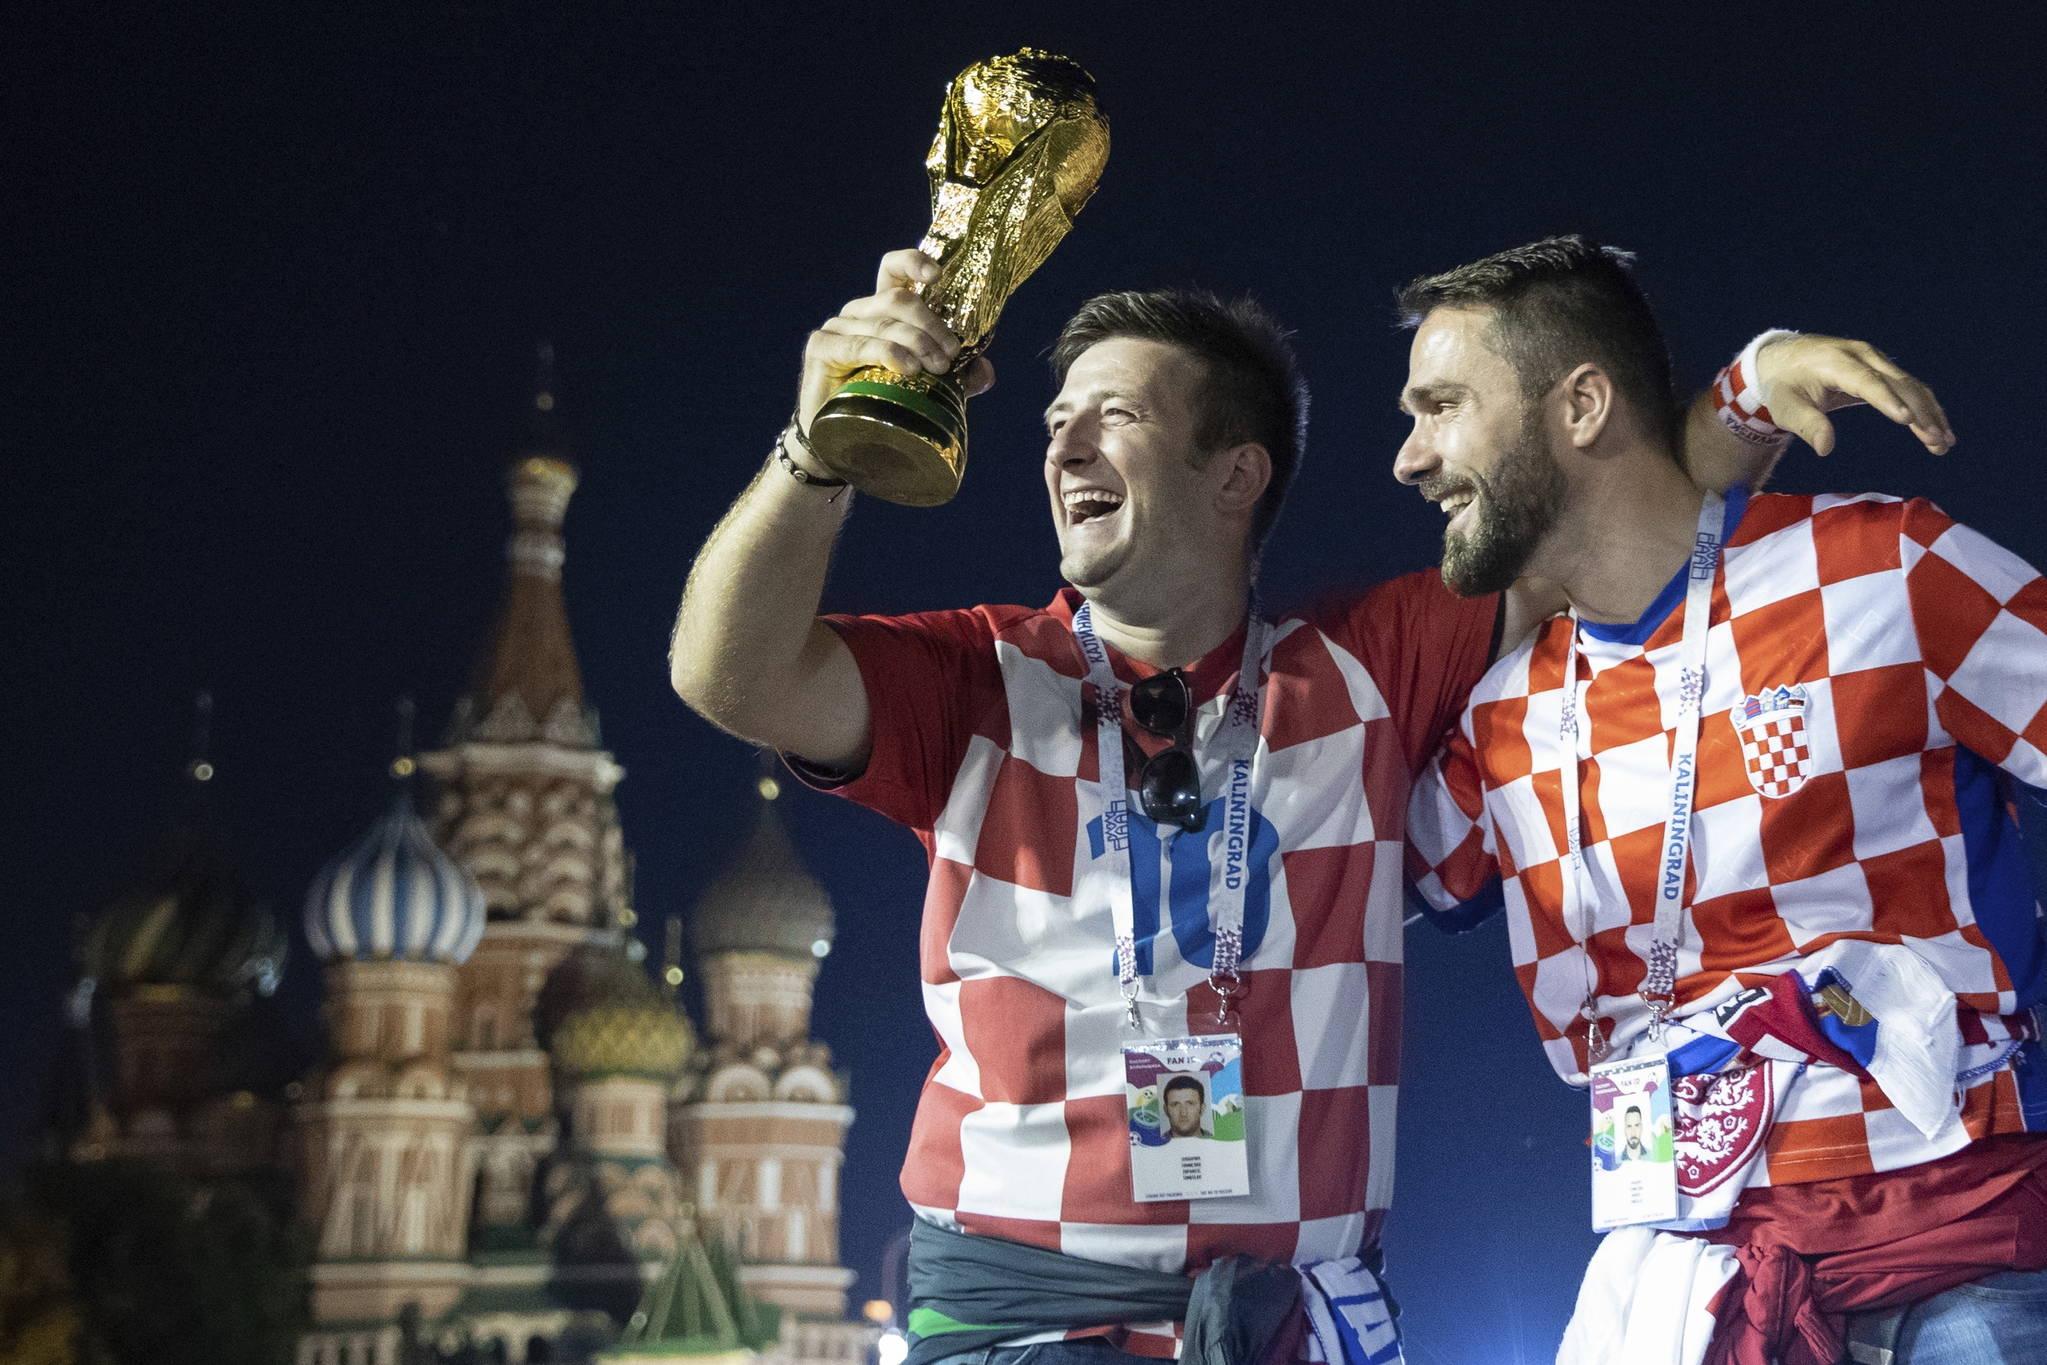 크로아티아 축구팬들이 12일 준결승전에서 잉글랜드를 꺾고 승리하자 모스크바 붉은광장의 성바실 성당 앞에서 기뻐하고 있다. [AP=연합뉴스]